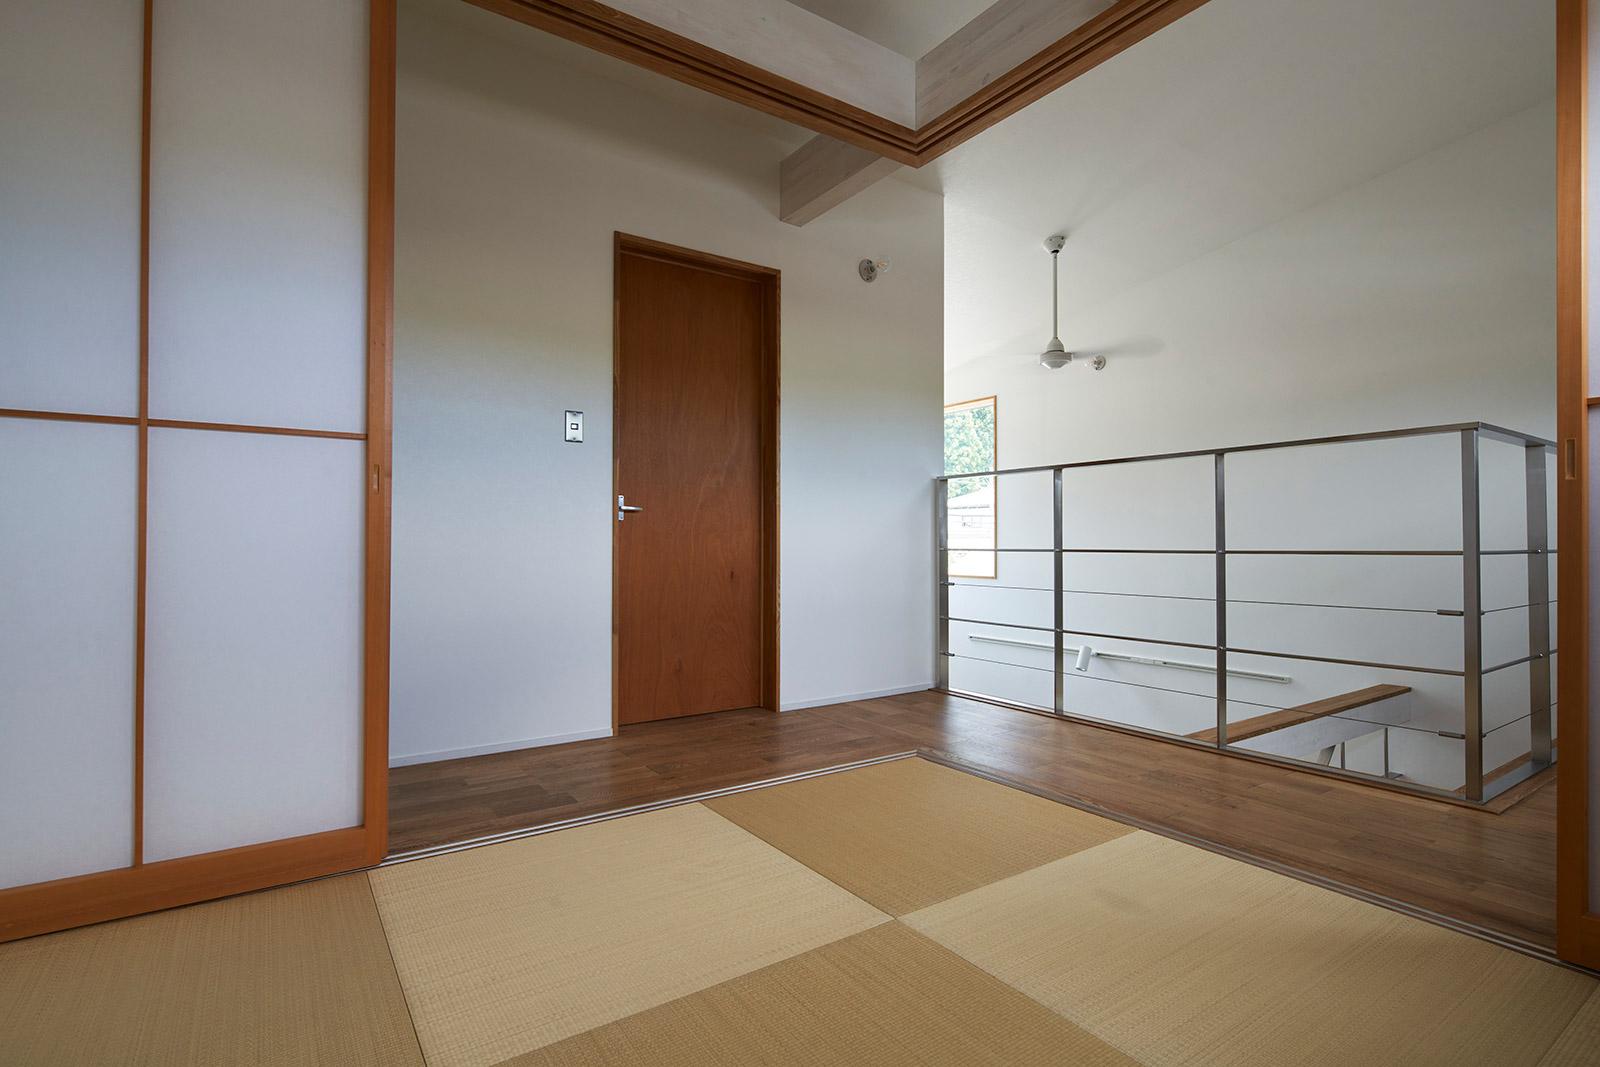 2階に設けた4.5畳の和室。普段は子どもの勉強スペースやゴロ寝スペースとして活用。造作の障子で仕切れば客間にもなる